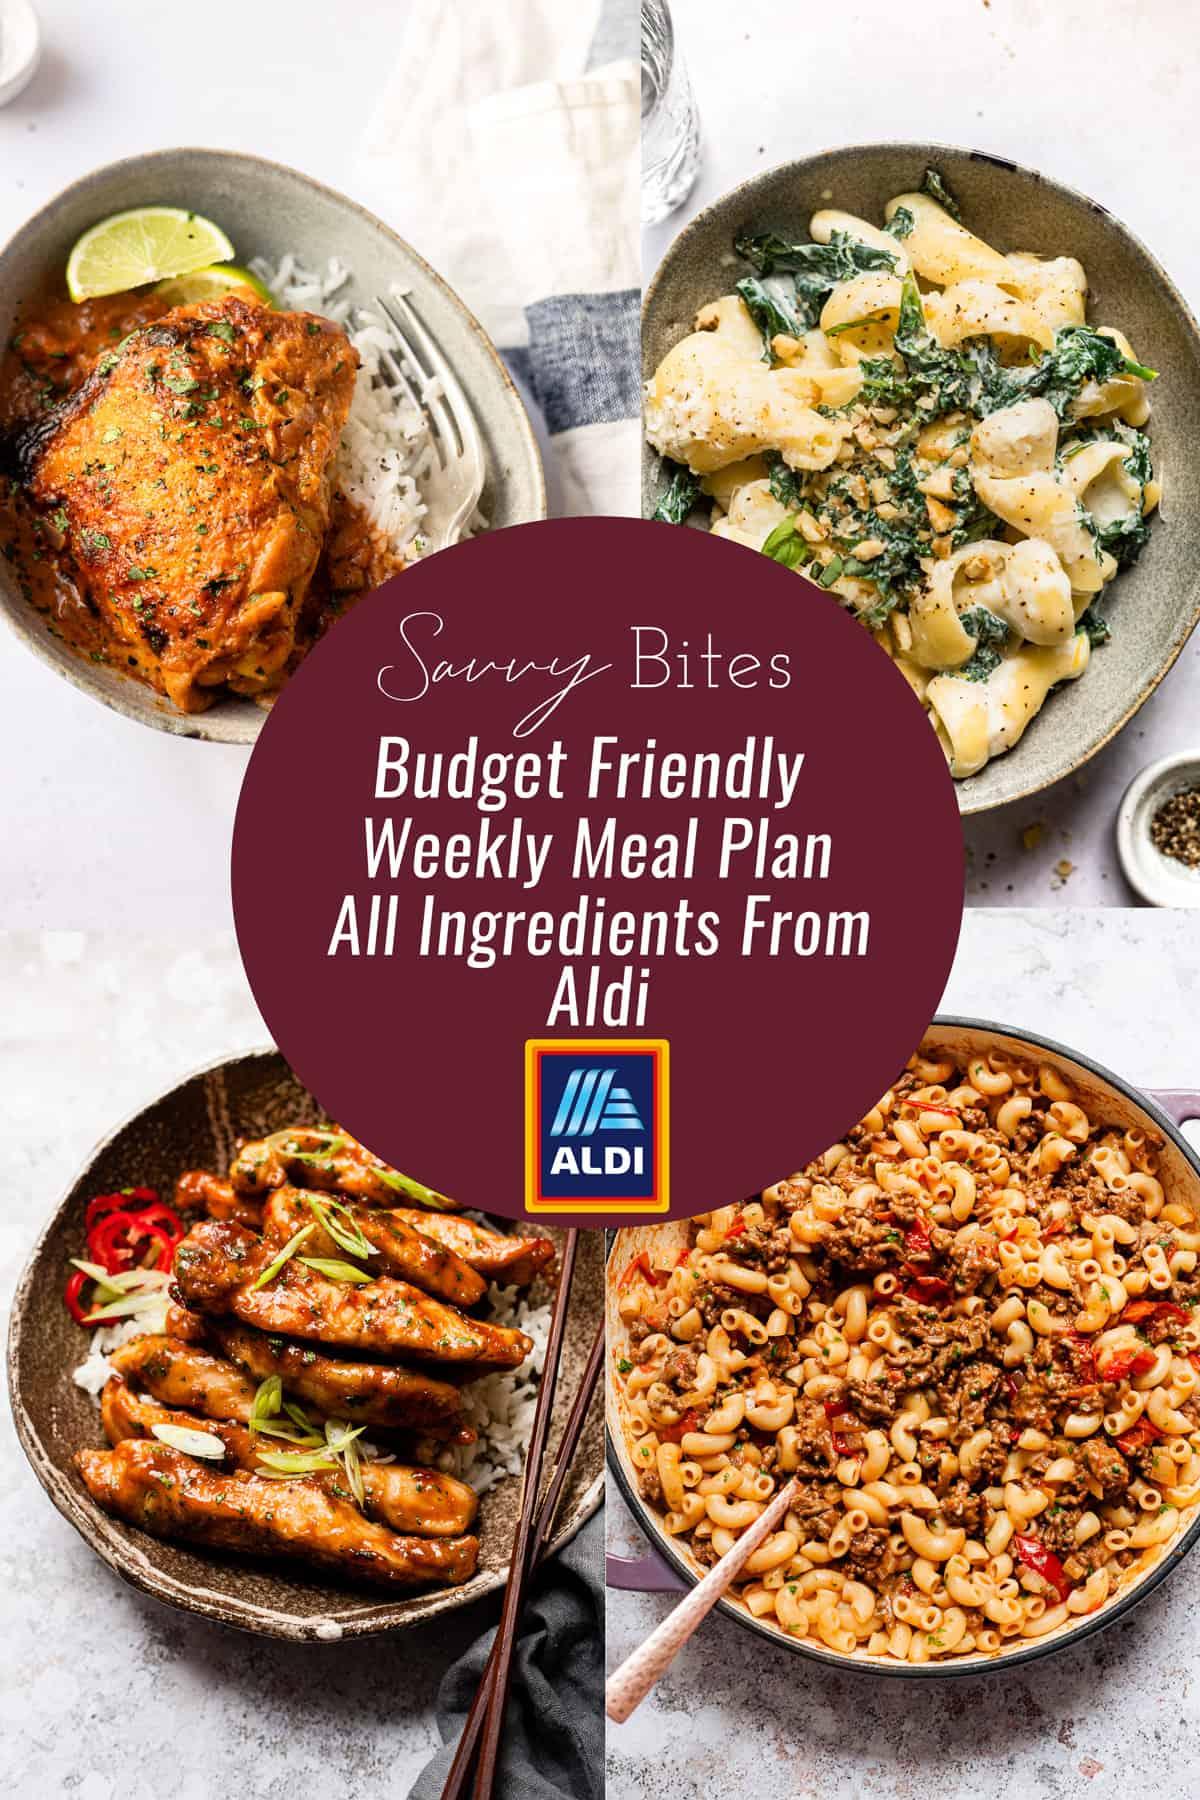 Aldi budget meal plan photos